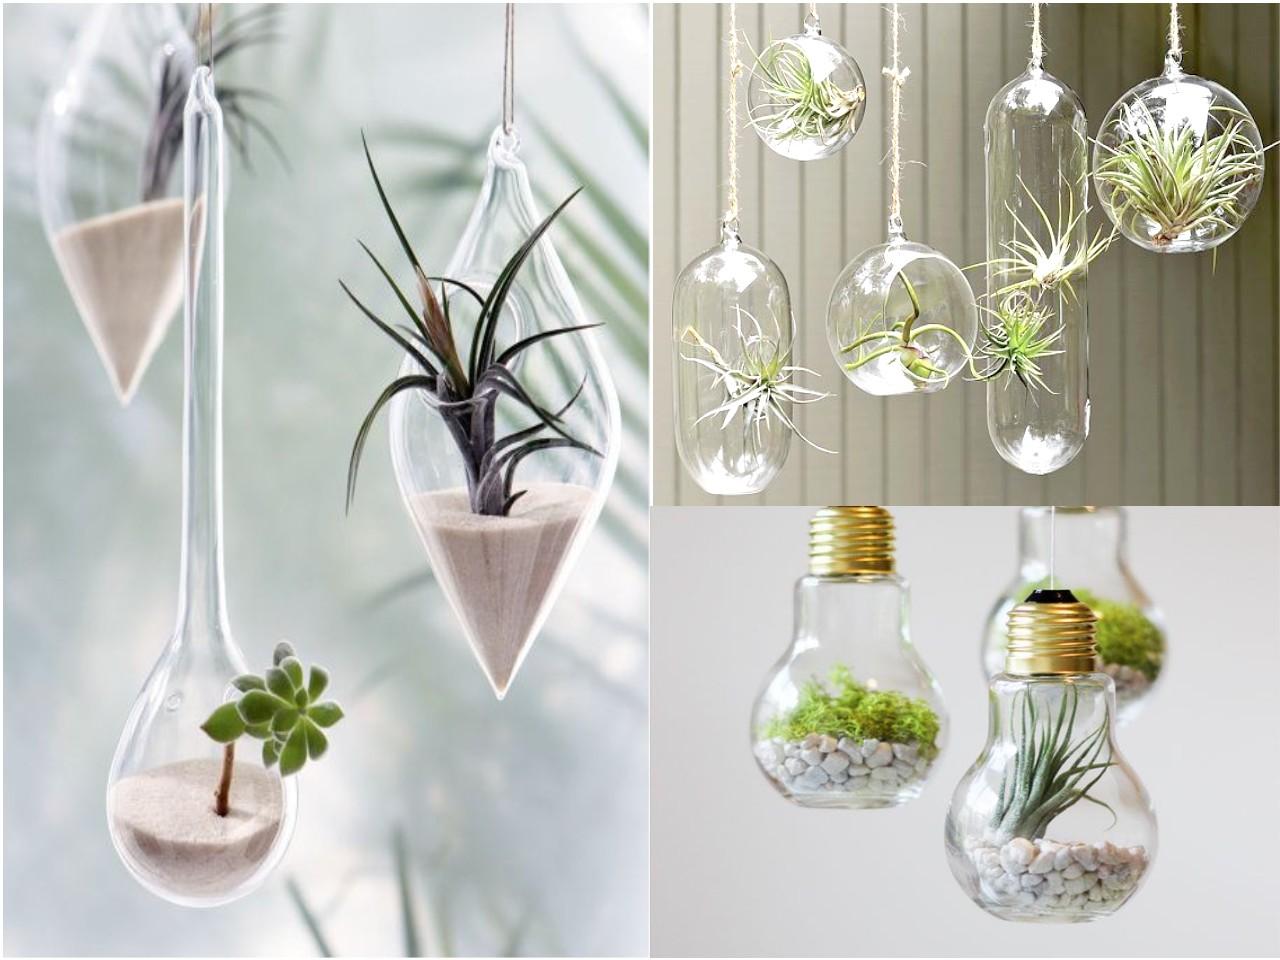 10 ideas de decoracin con plantas colgantes